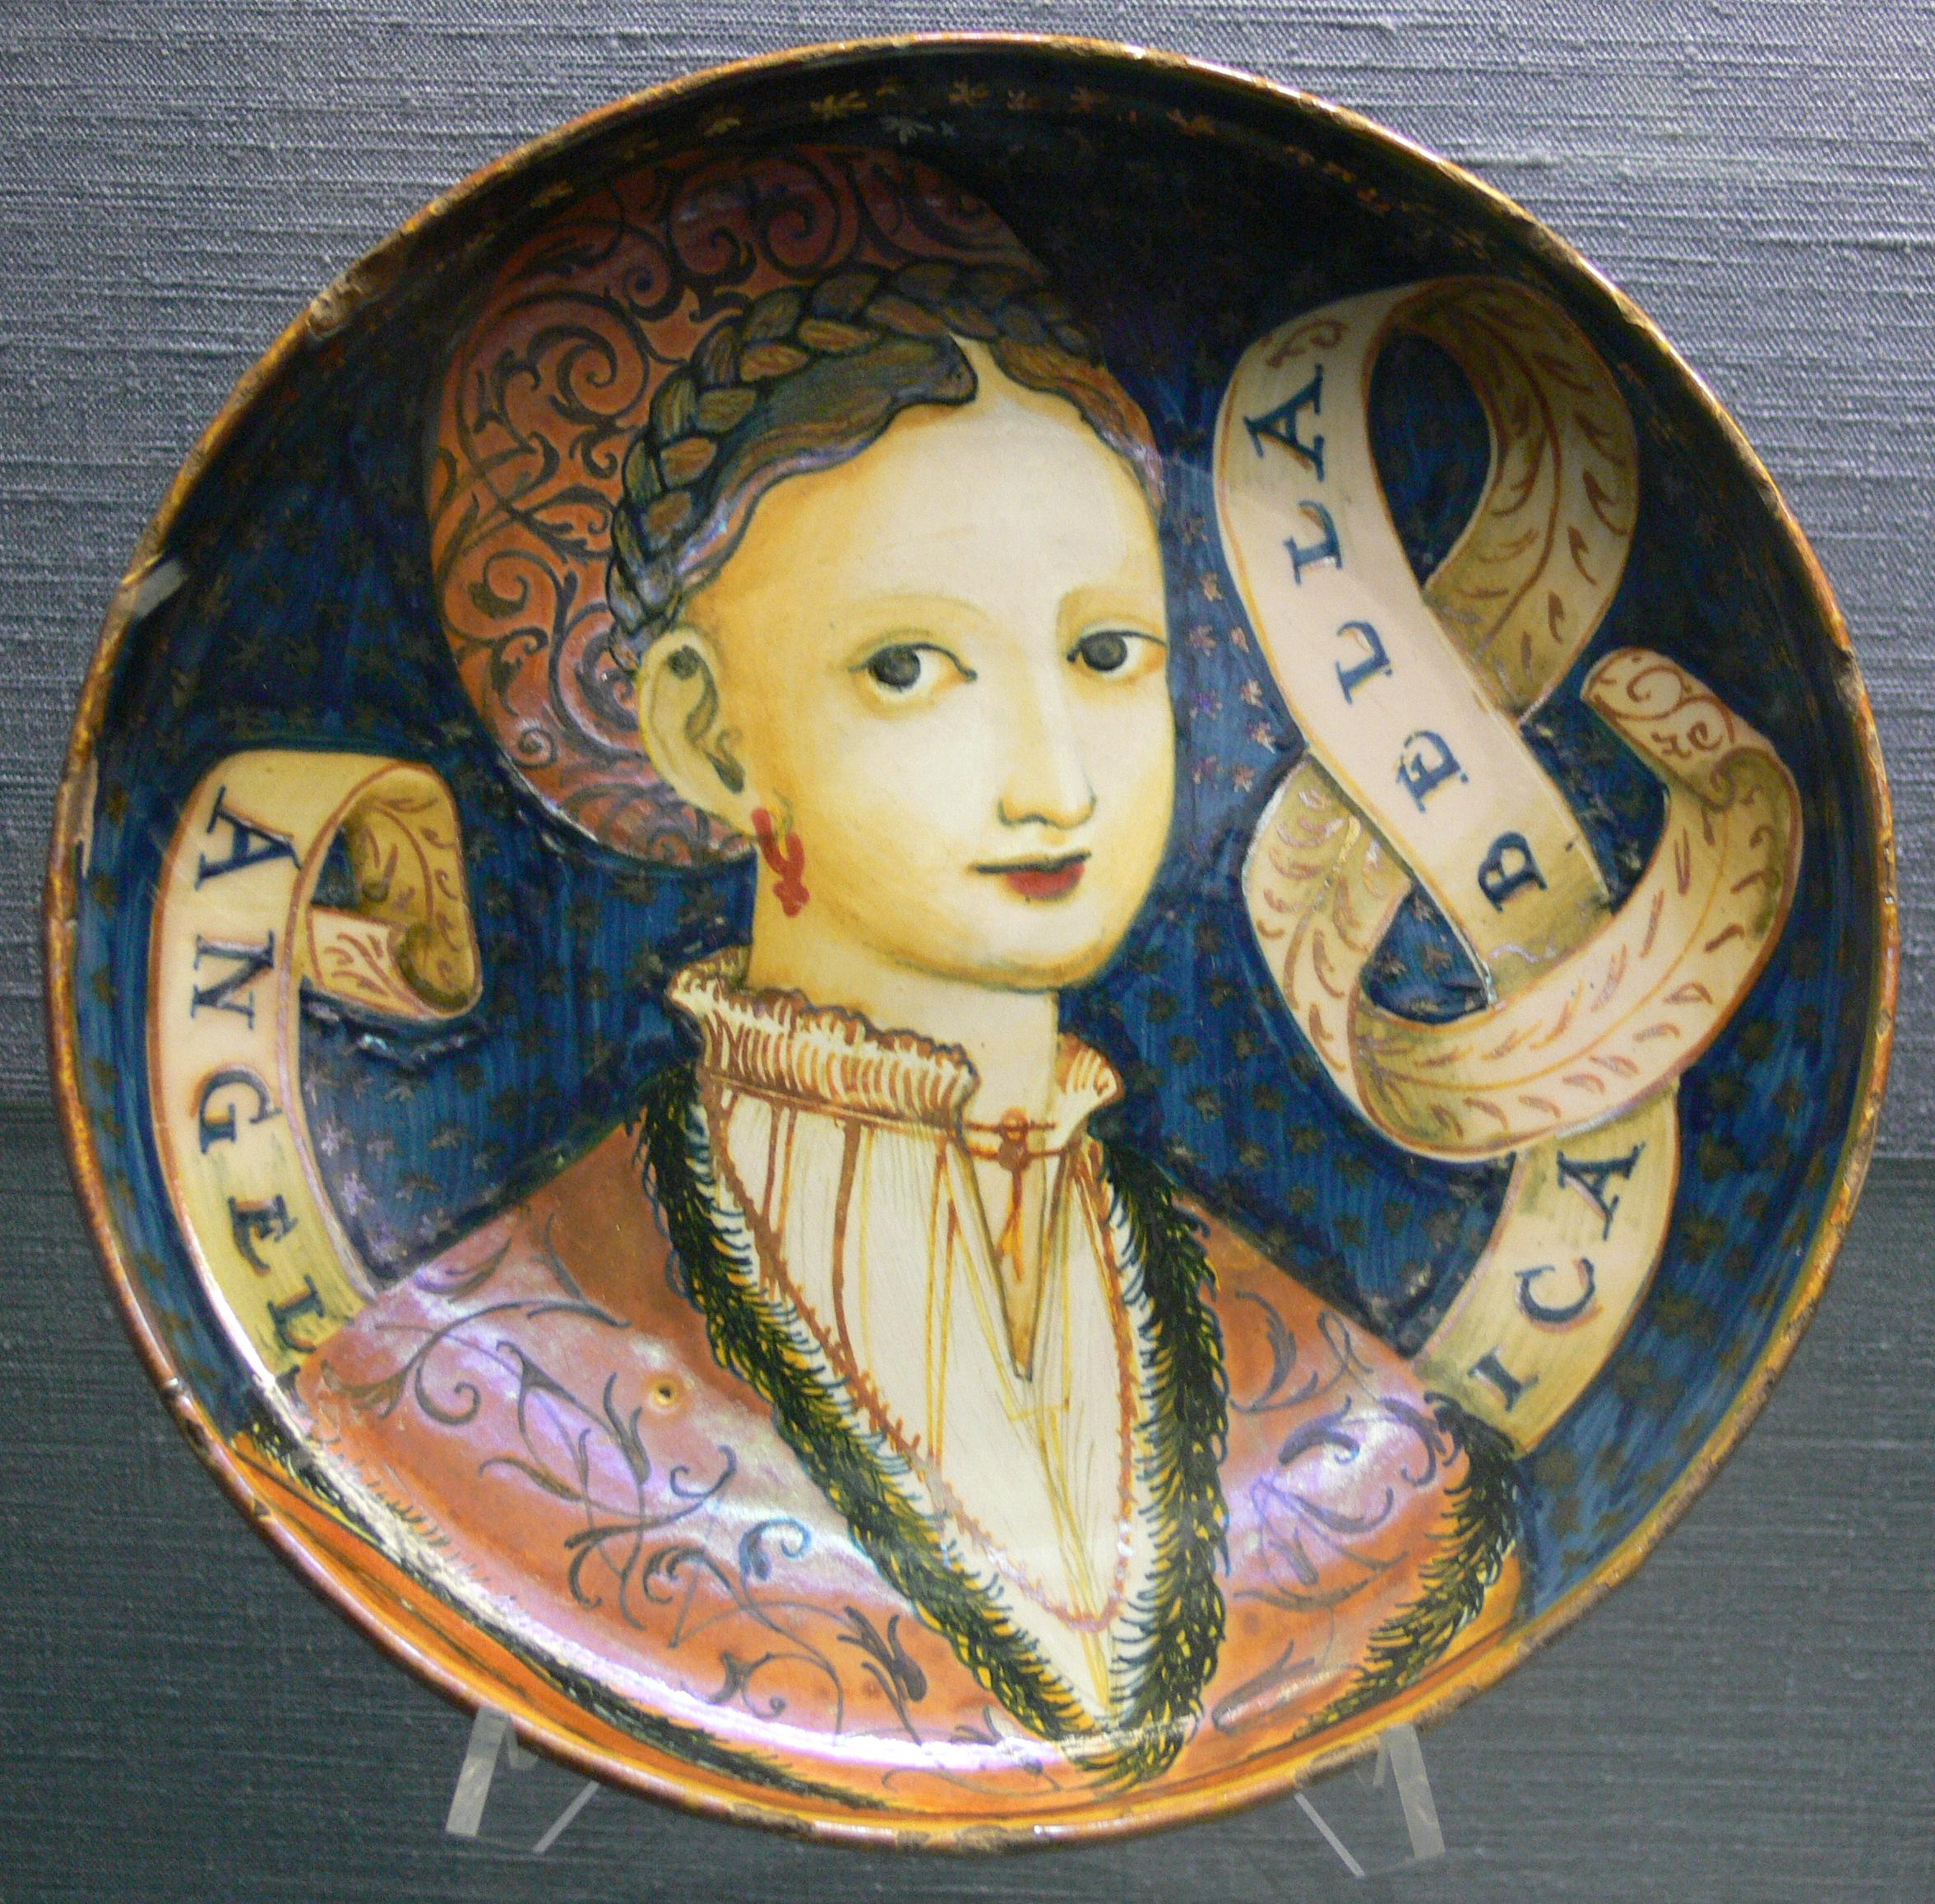 Angelica Bella Fotos file:liebesschale aus gubbio angelica kgm - wikimedia